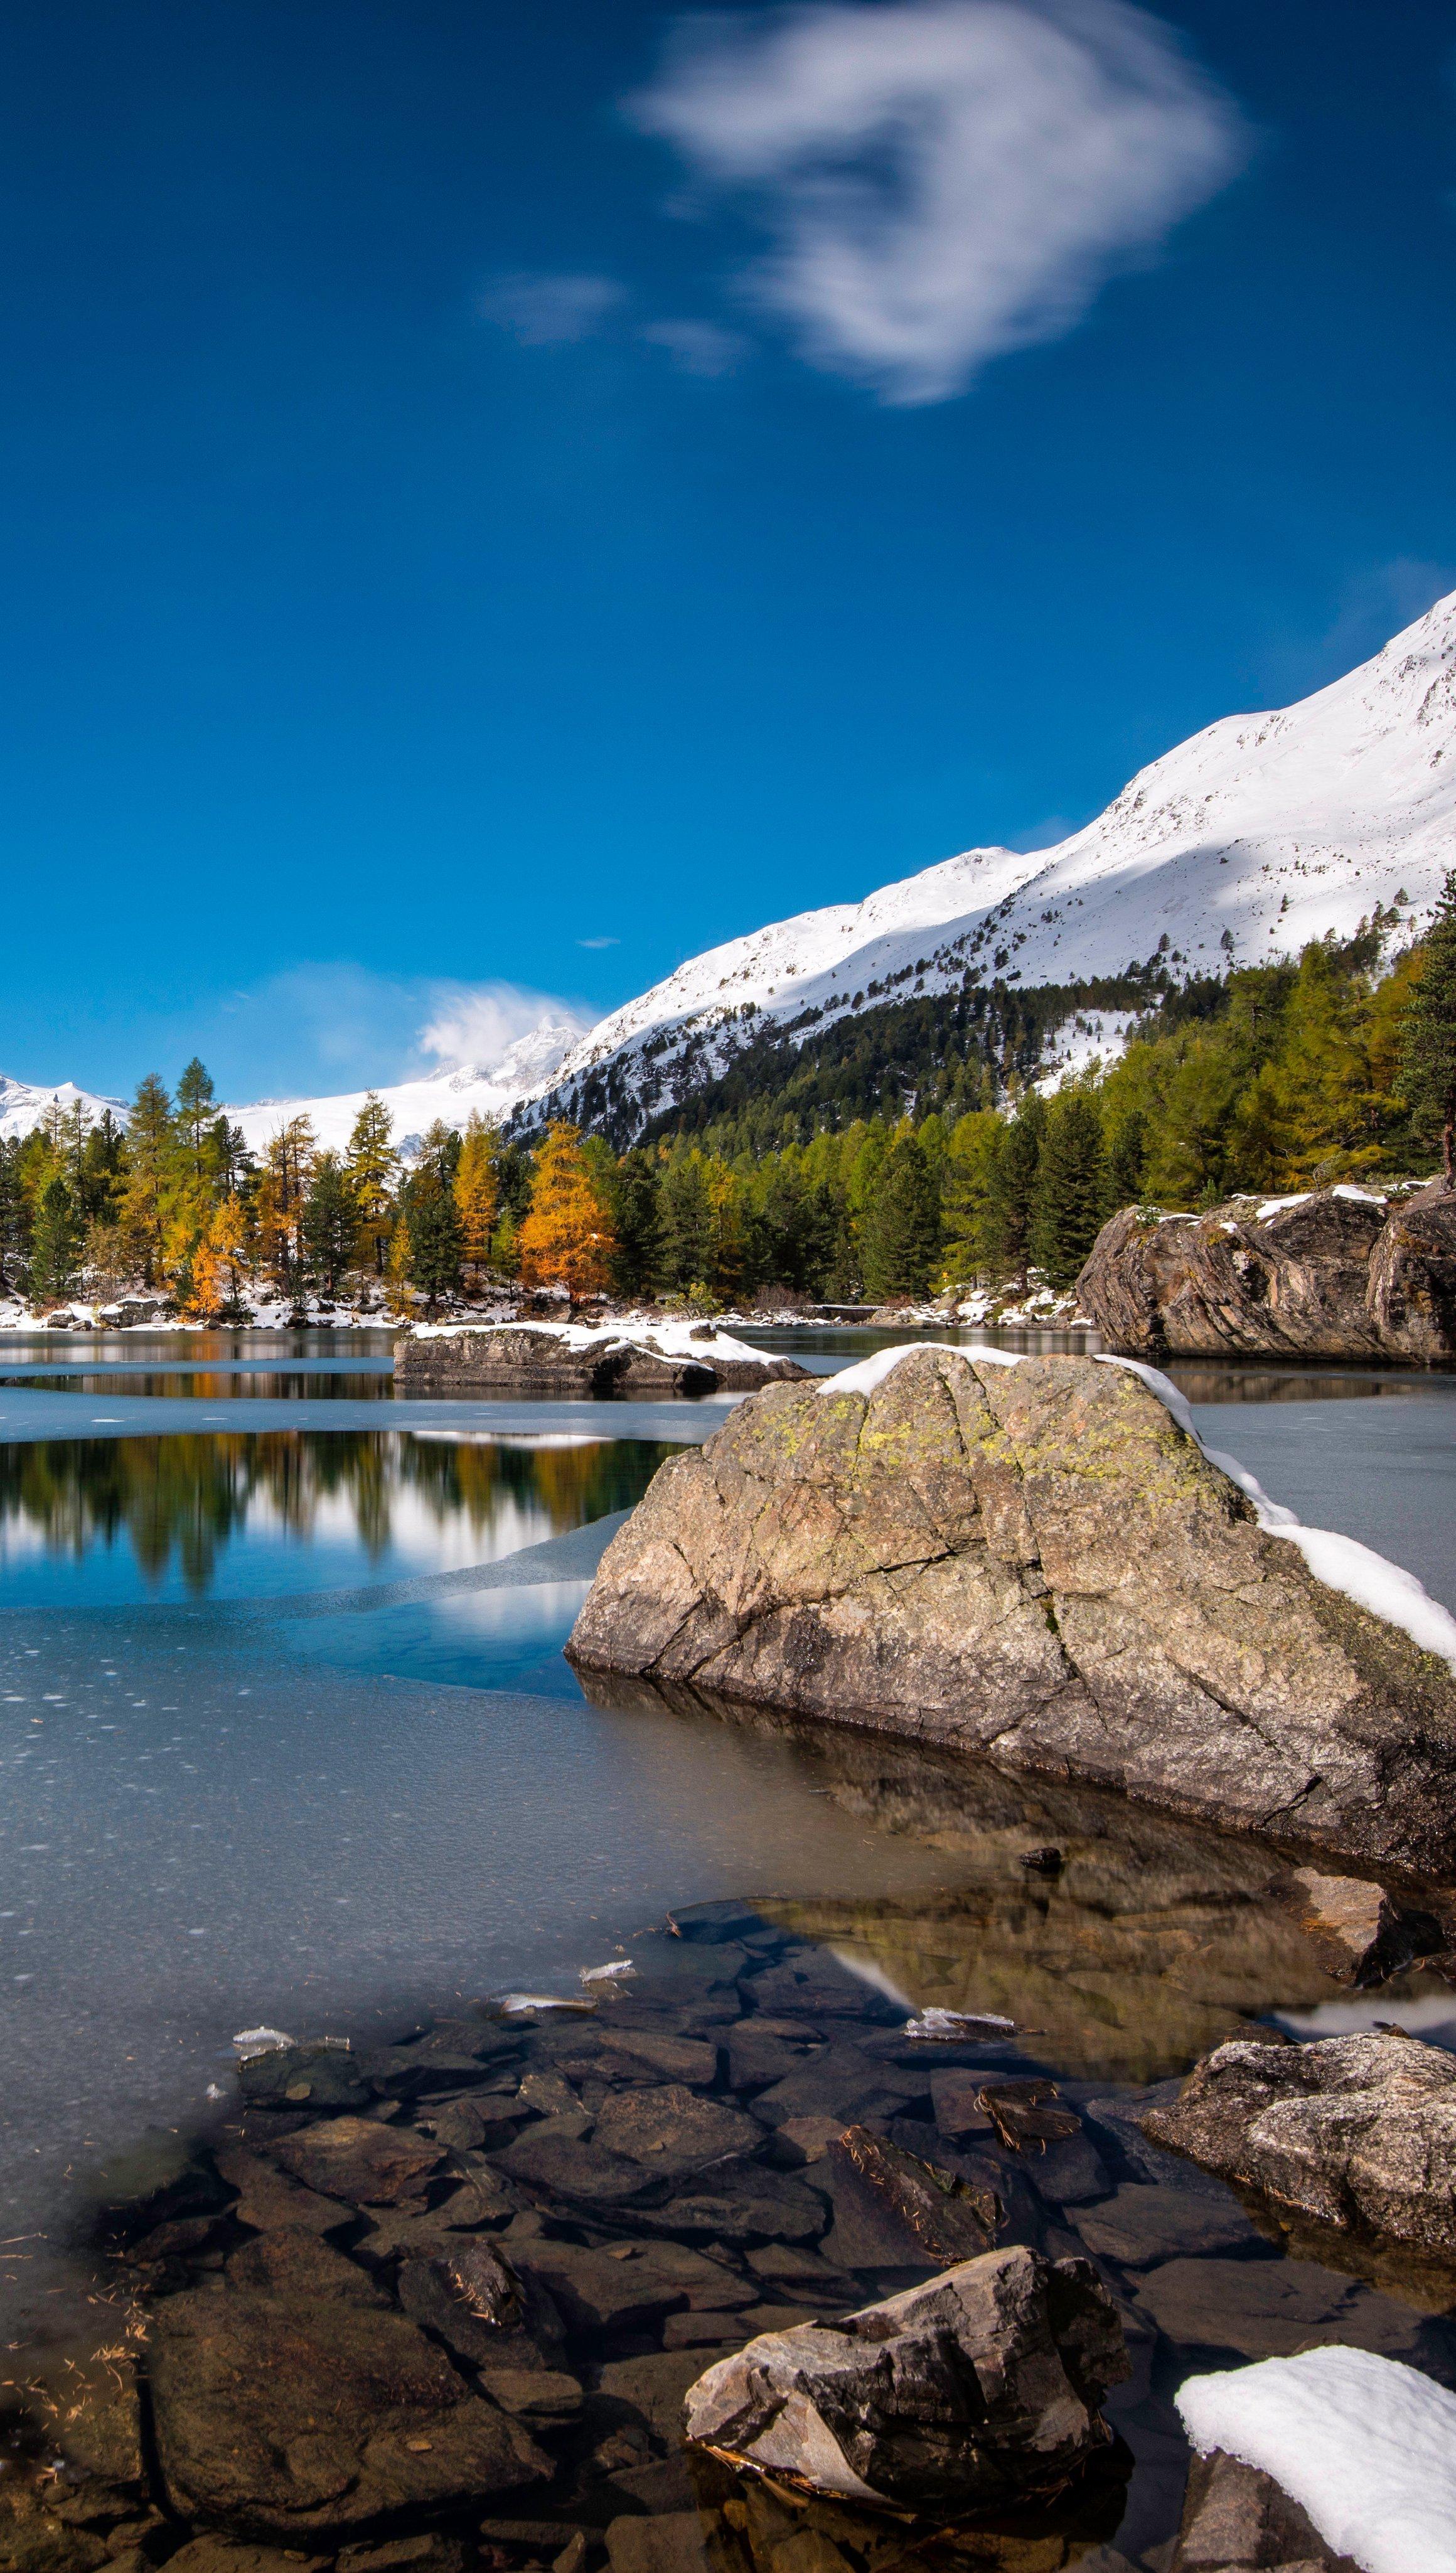 Fondos de pantalla Lago Lagh Da Saoseo en Suiza Vertical